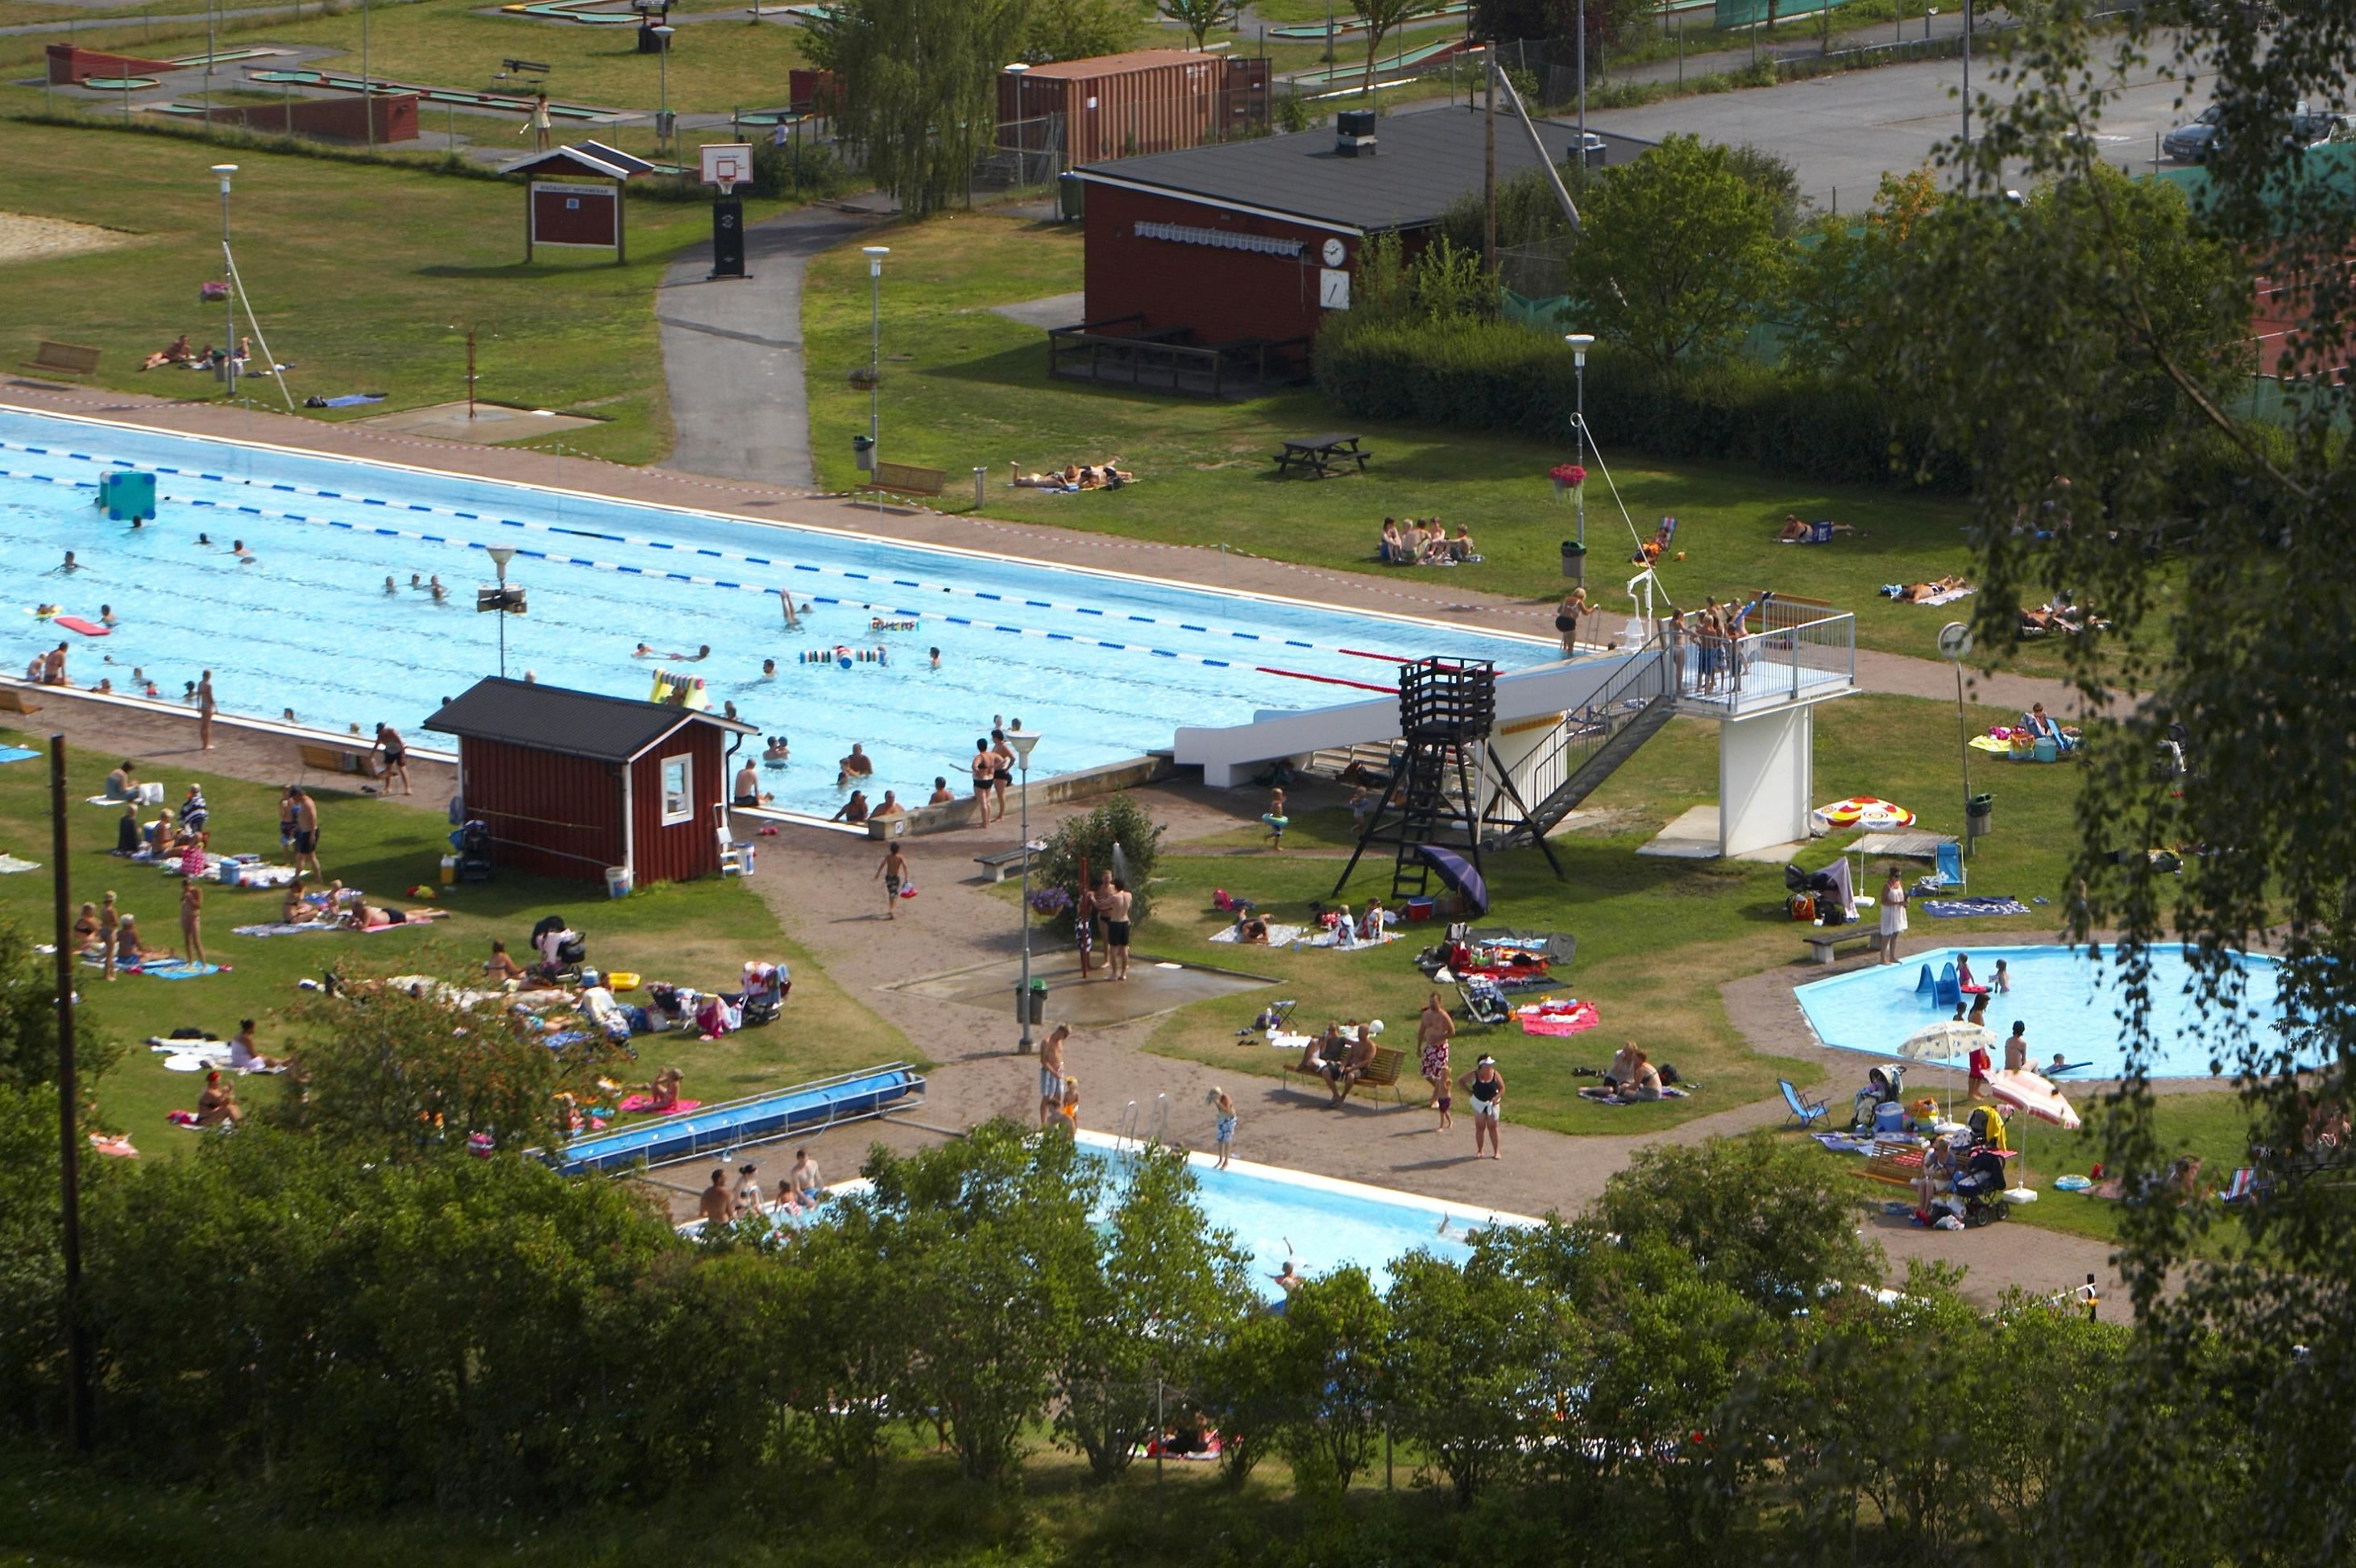 Foto: Peder Eriksson, Risön tempererat bad i Sollefteå